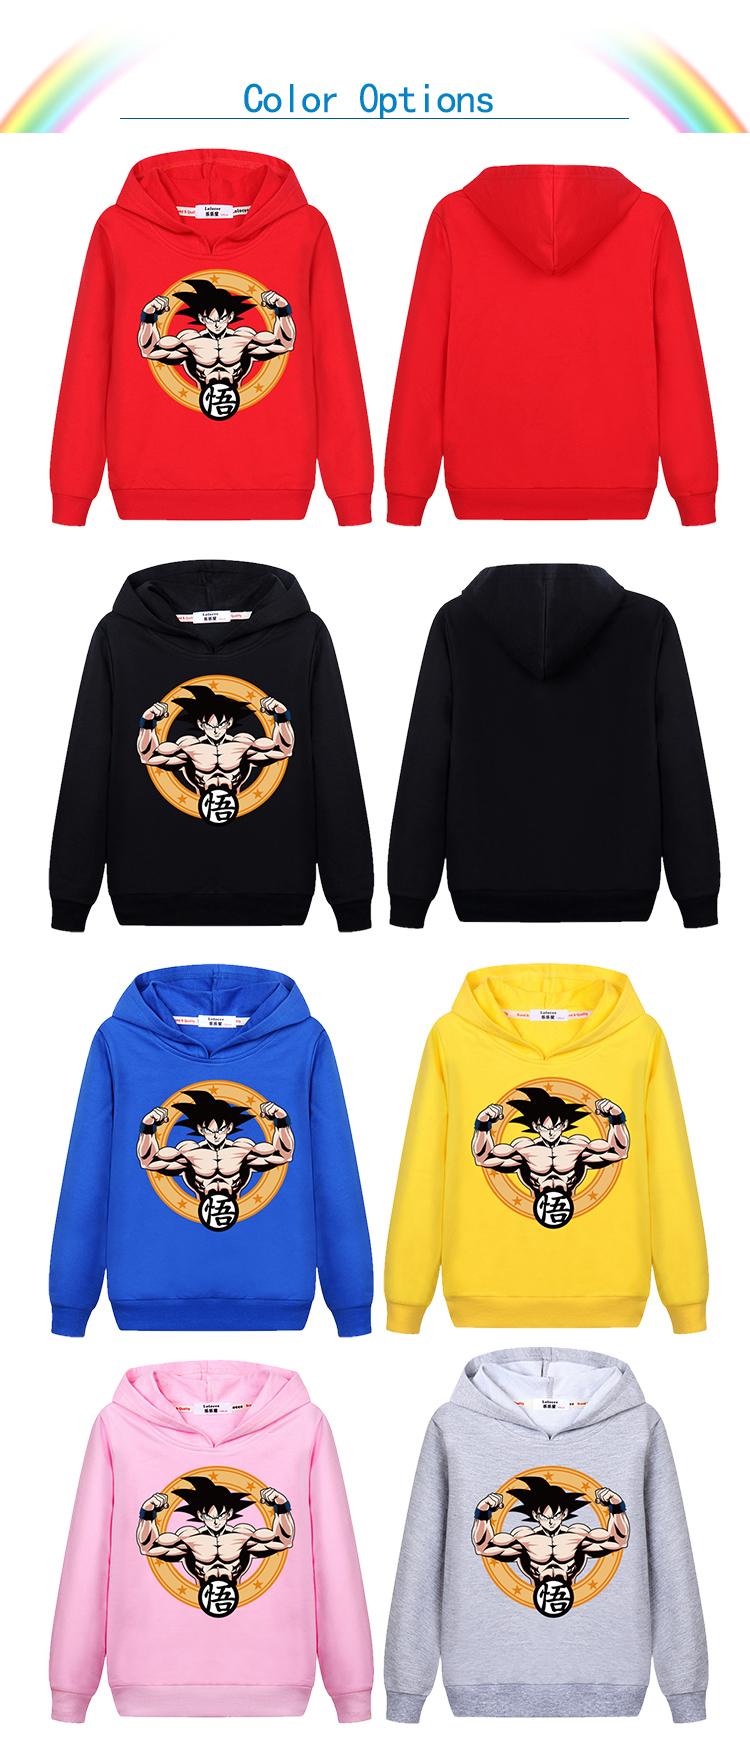 Acheter 3 14ans Enfants Vêtements Japon Fils Goku Anime Dragon Ball Z Enfants Sweat À Capuche De Bande Dessinée Super Saiyan Garçons Filles T Shirt